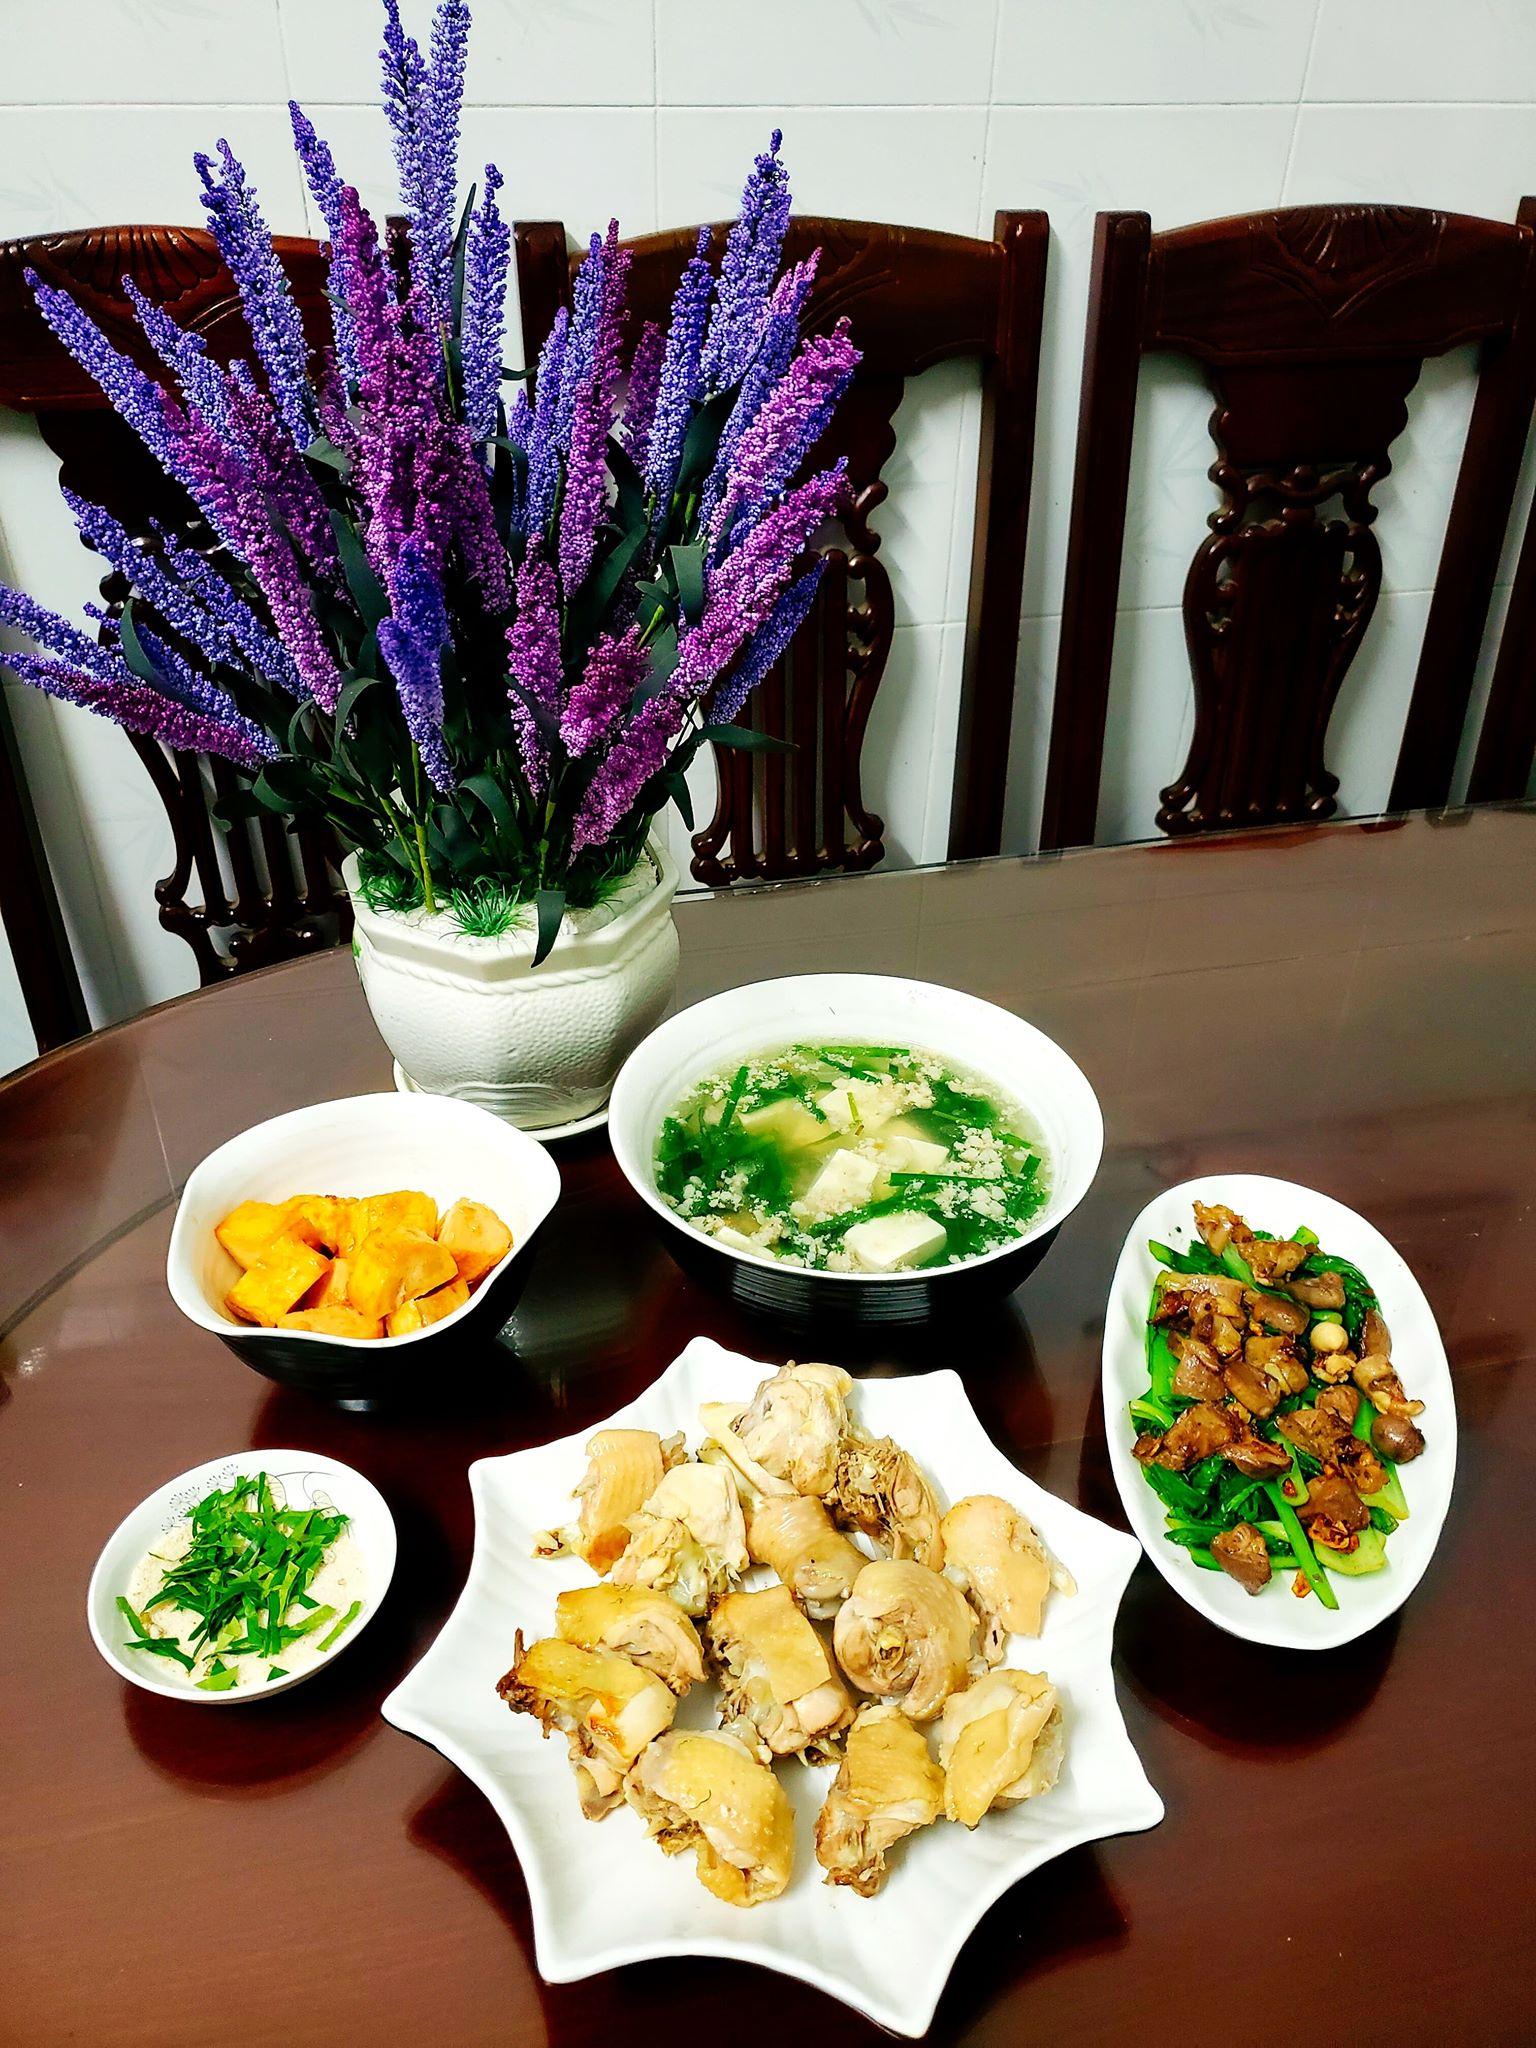 Chỉ từ 130k trở lên, bà nội trợ đảm Sài Gòn sắm sửa mỗi bữa cơm đều như đãi tiệc với các món bổ dưỡng, đẹp mắt cho gia đình 6 thành viên - Ảnh 11.